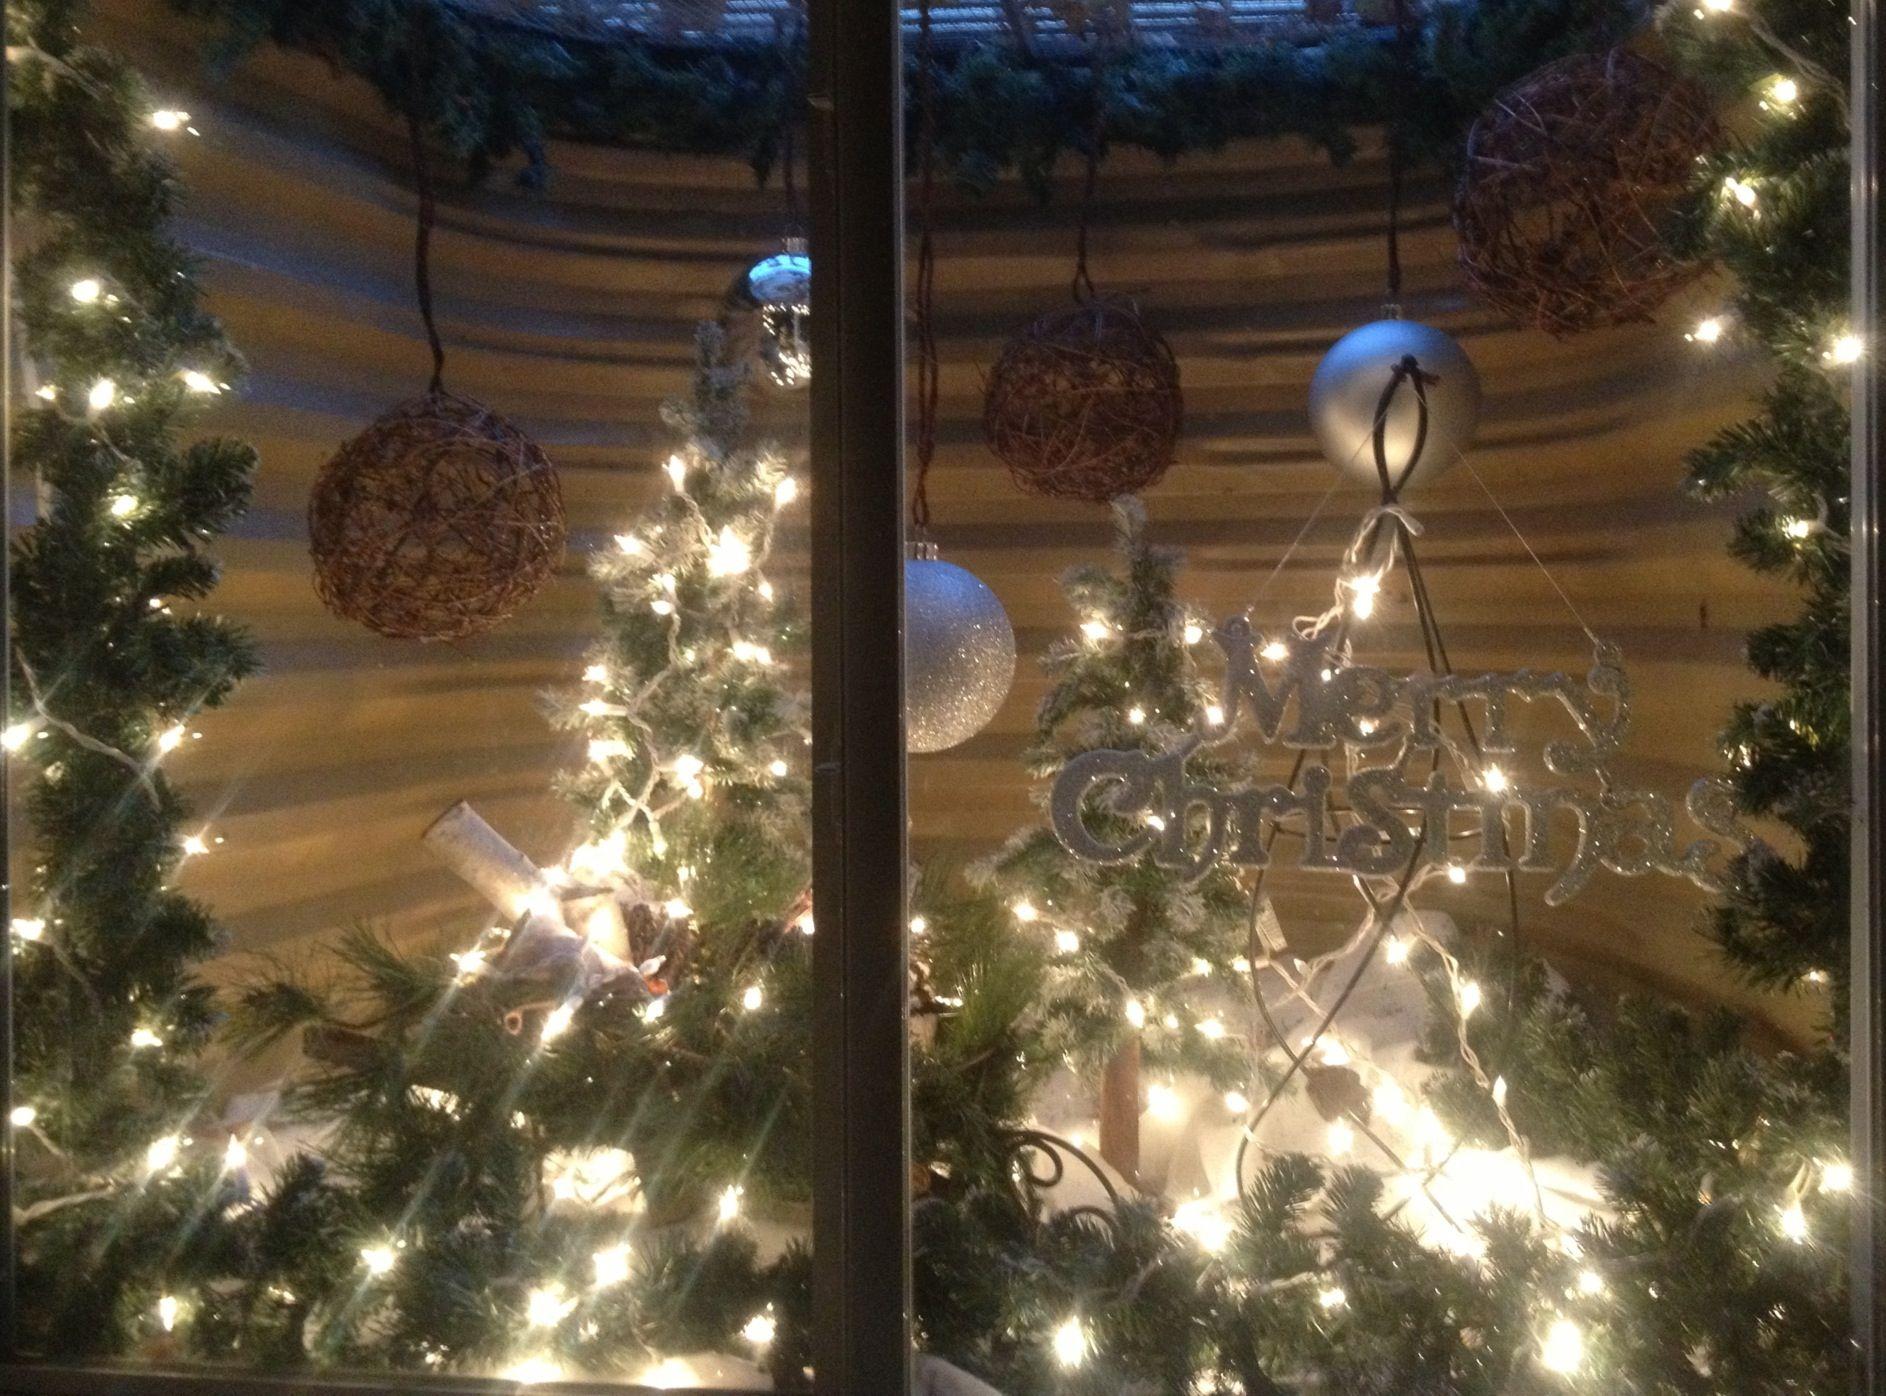 Window well decor  decorating a holiday basement window well  basement  pinterest